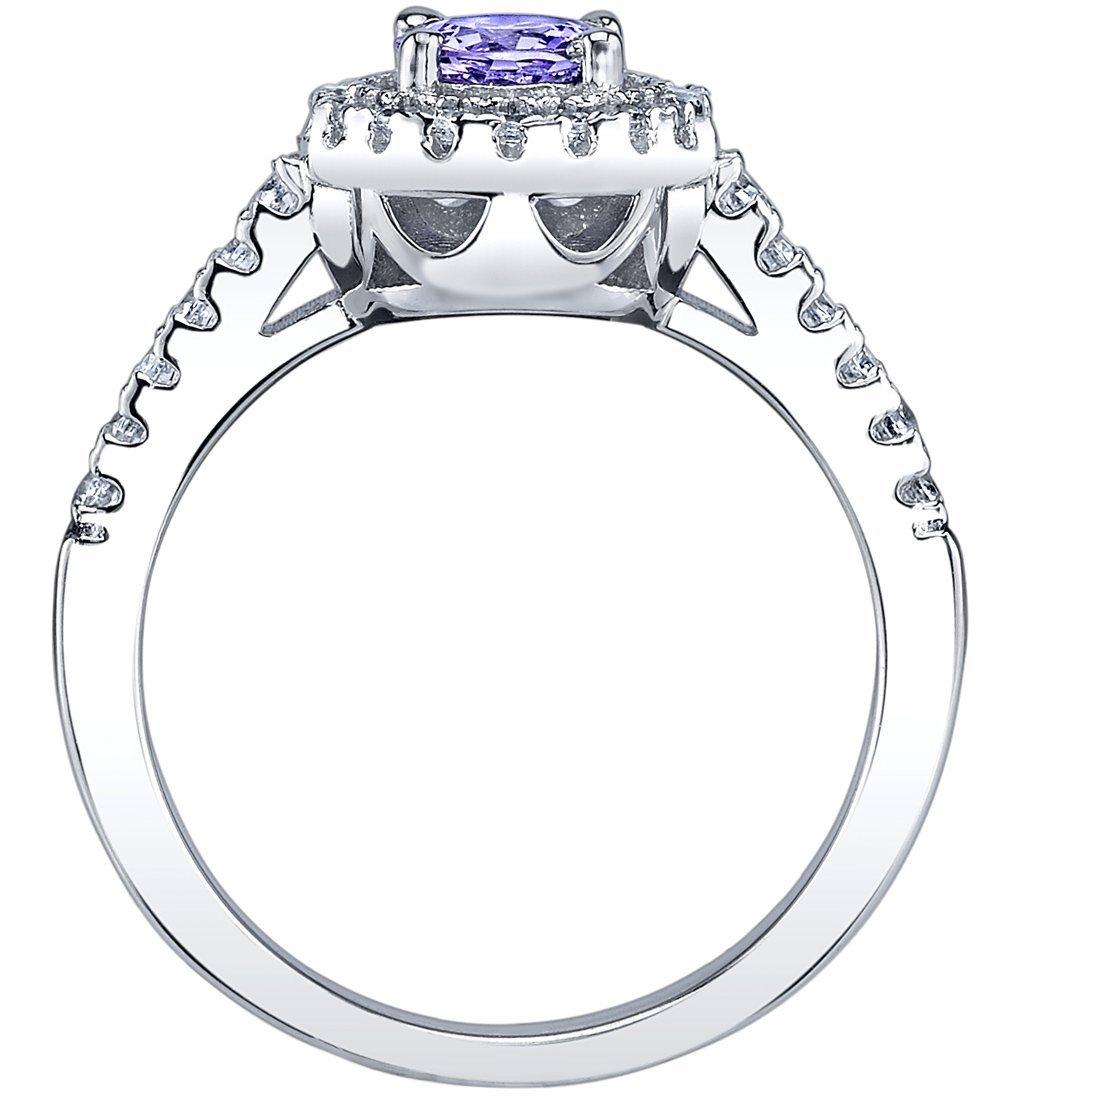 Peora 0.50 Carat Tanzanite Halo Ring Sterling Silver Sizes 5 to 9